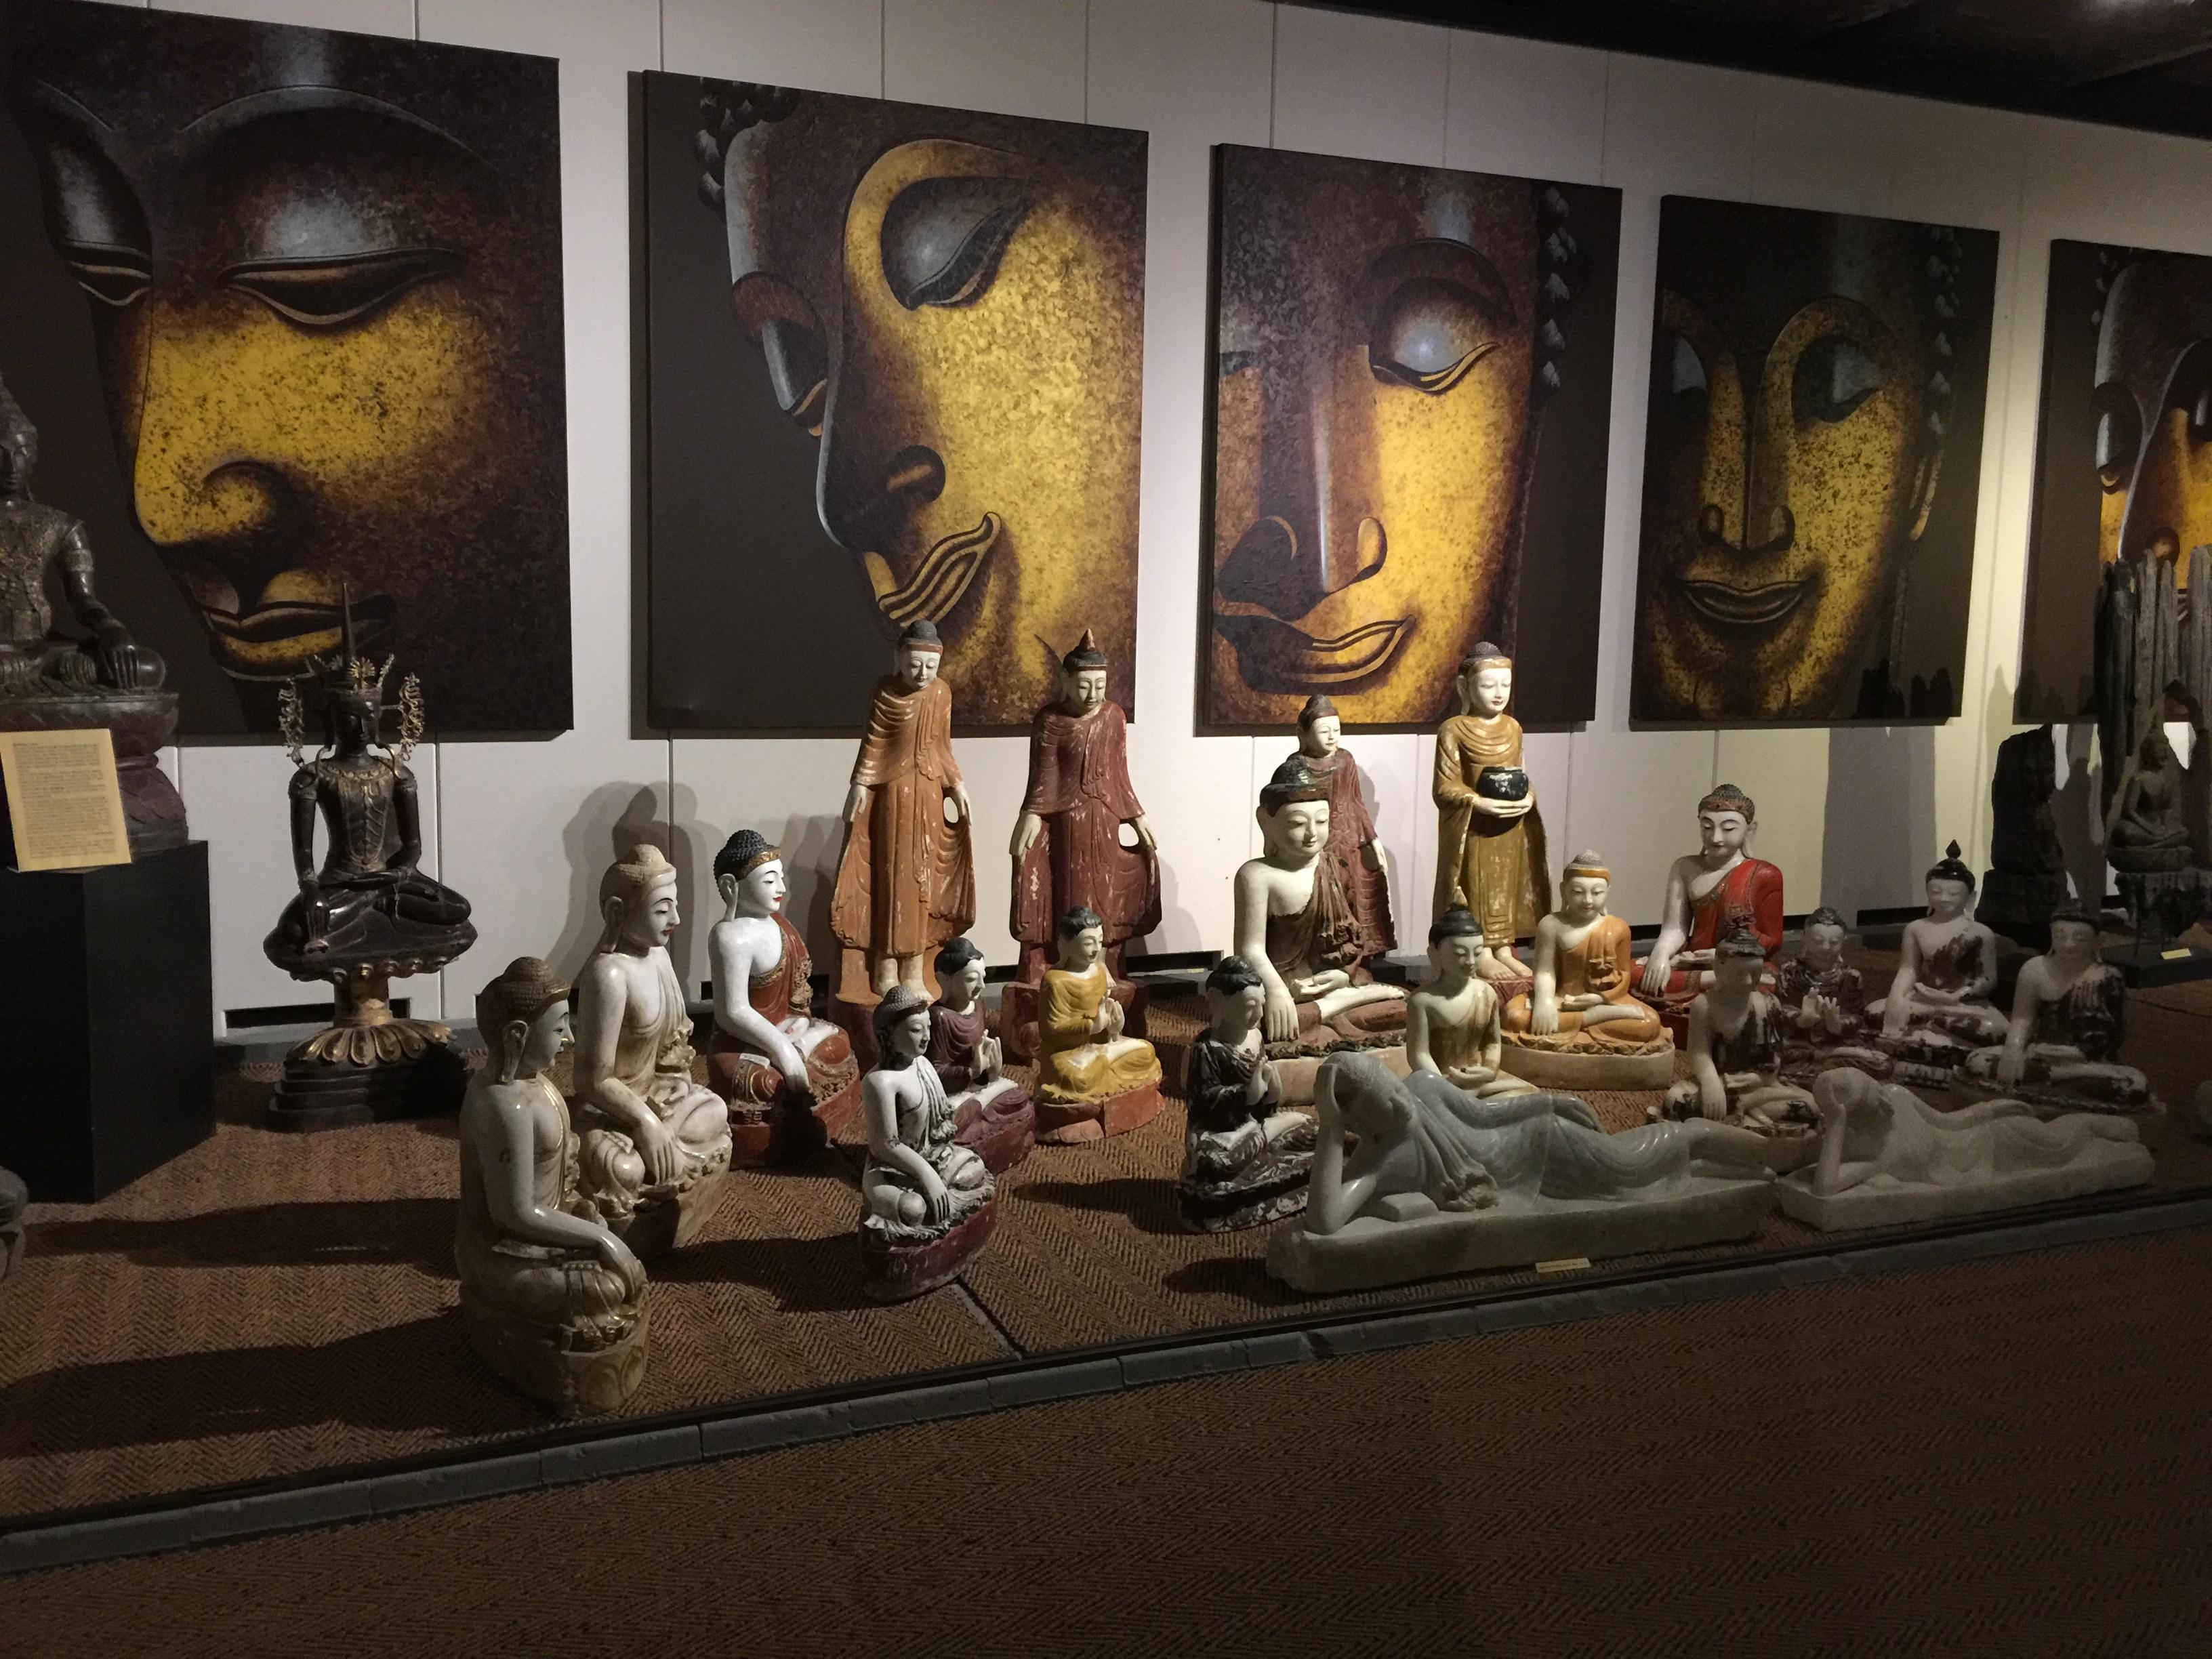 3e Volle Maan 21 maart 2019 – LeMUriaanse inwijding: Gaté Gaté Mantra